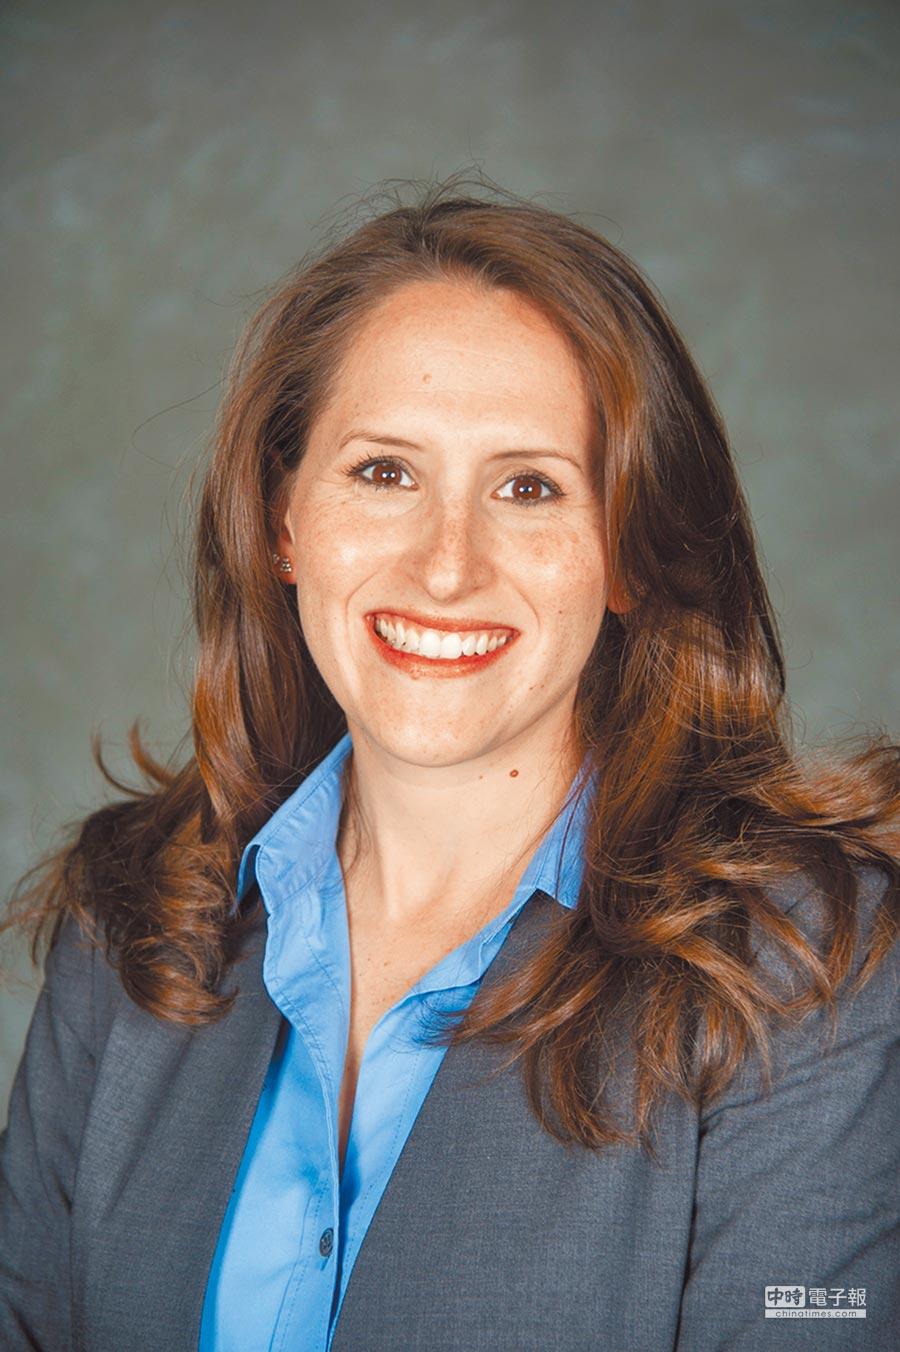 美國喬治城大學國際事務助理教授梅惠琳。(取自喬治城大學官網)